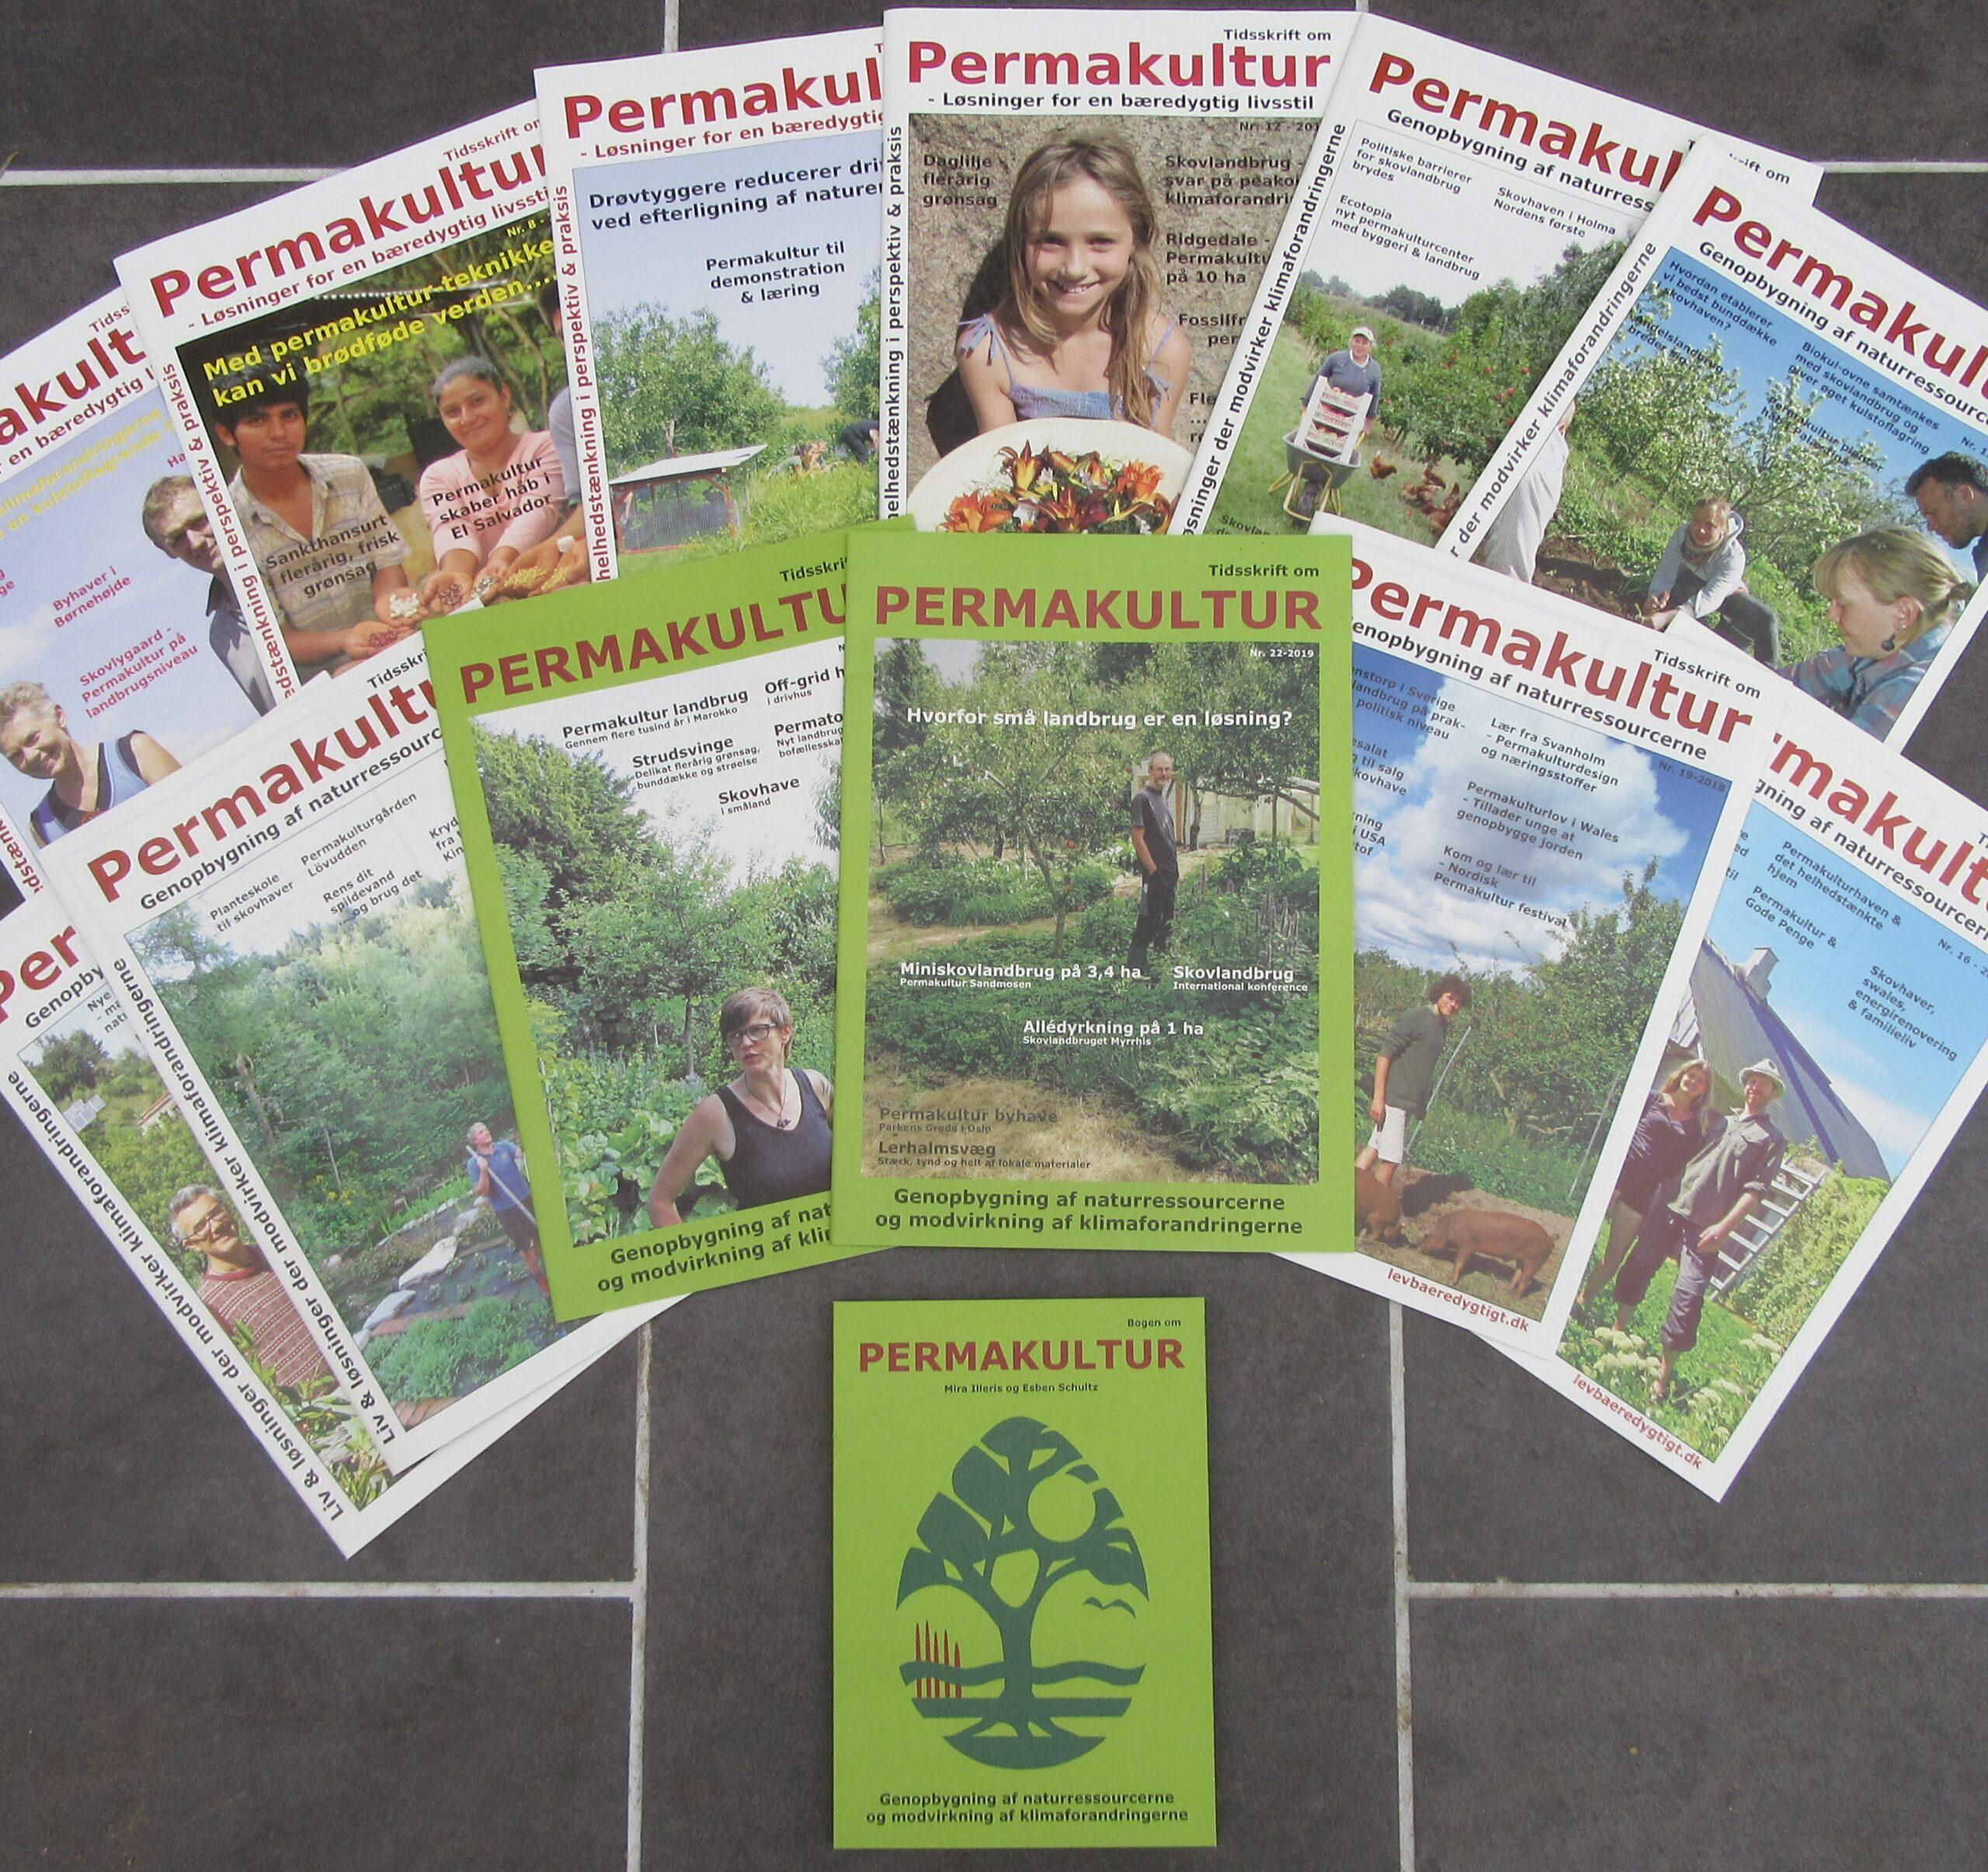 Rabat på sætte af tidligere tidskrifter og Bogen om Permakultur der supplerer hinanden